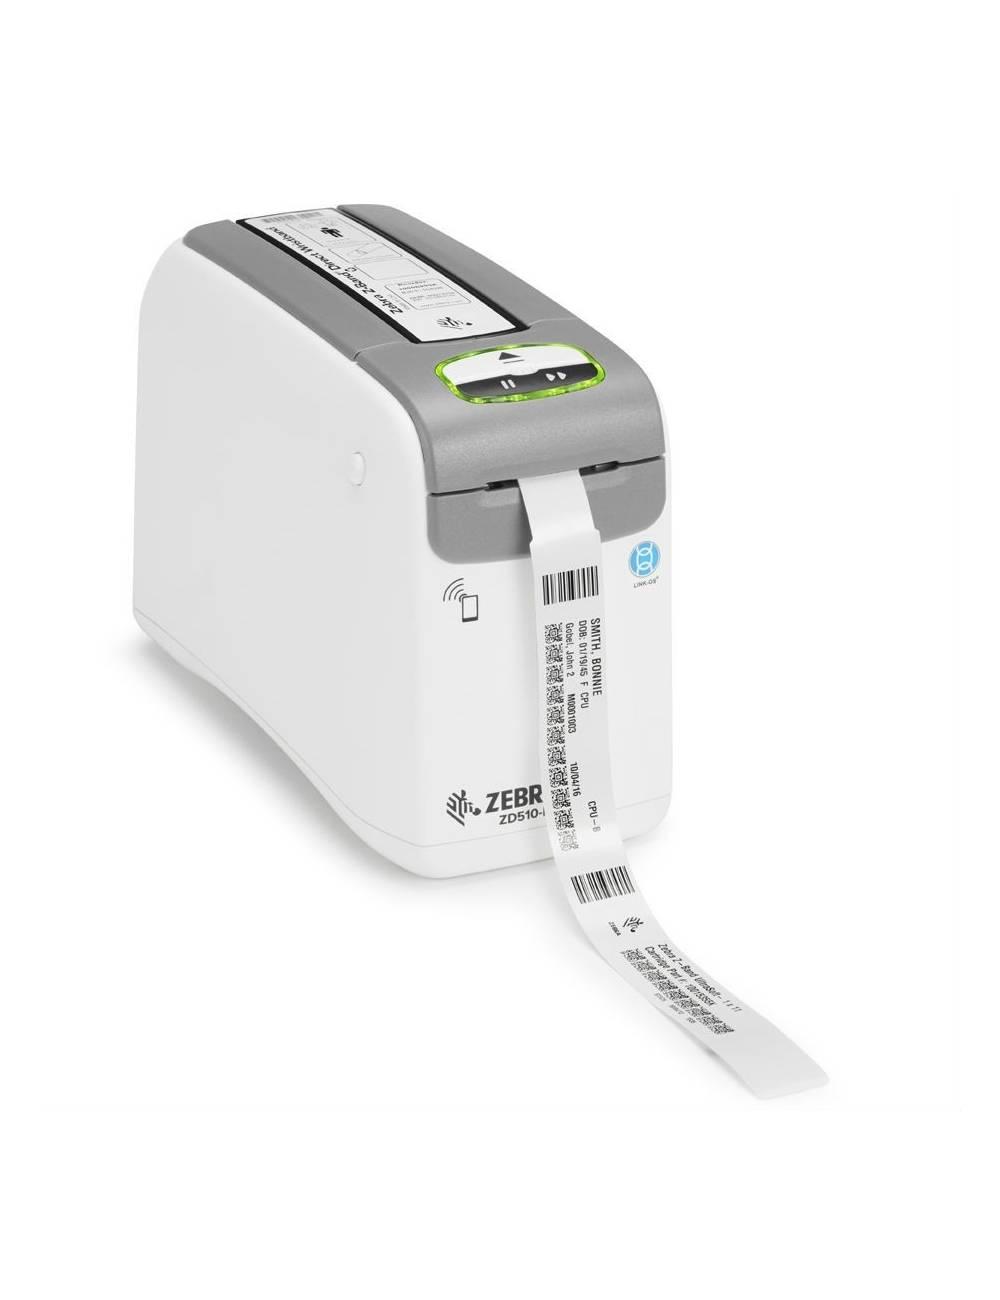 Nowa drukarka opasek na rękę Zebra ZD510, wydruk opasek identyfikacyjnych.